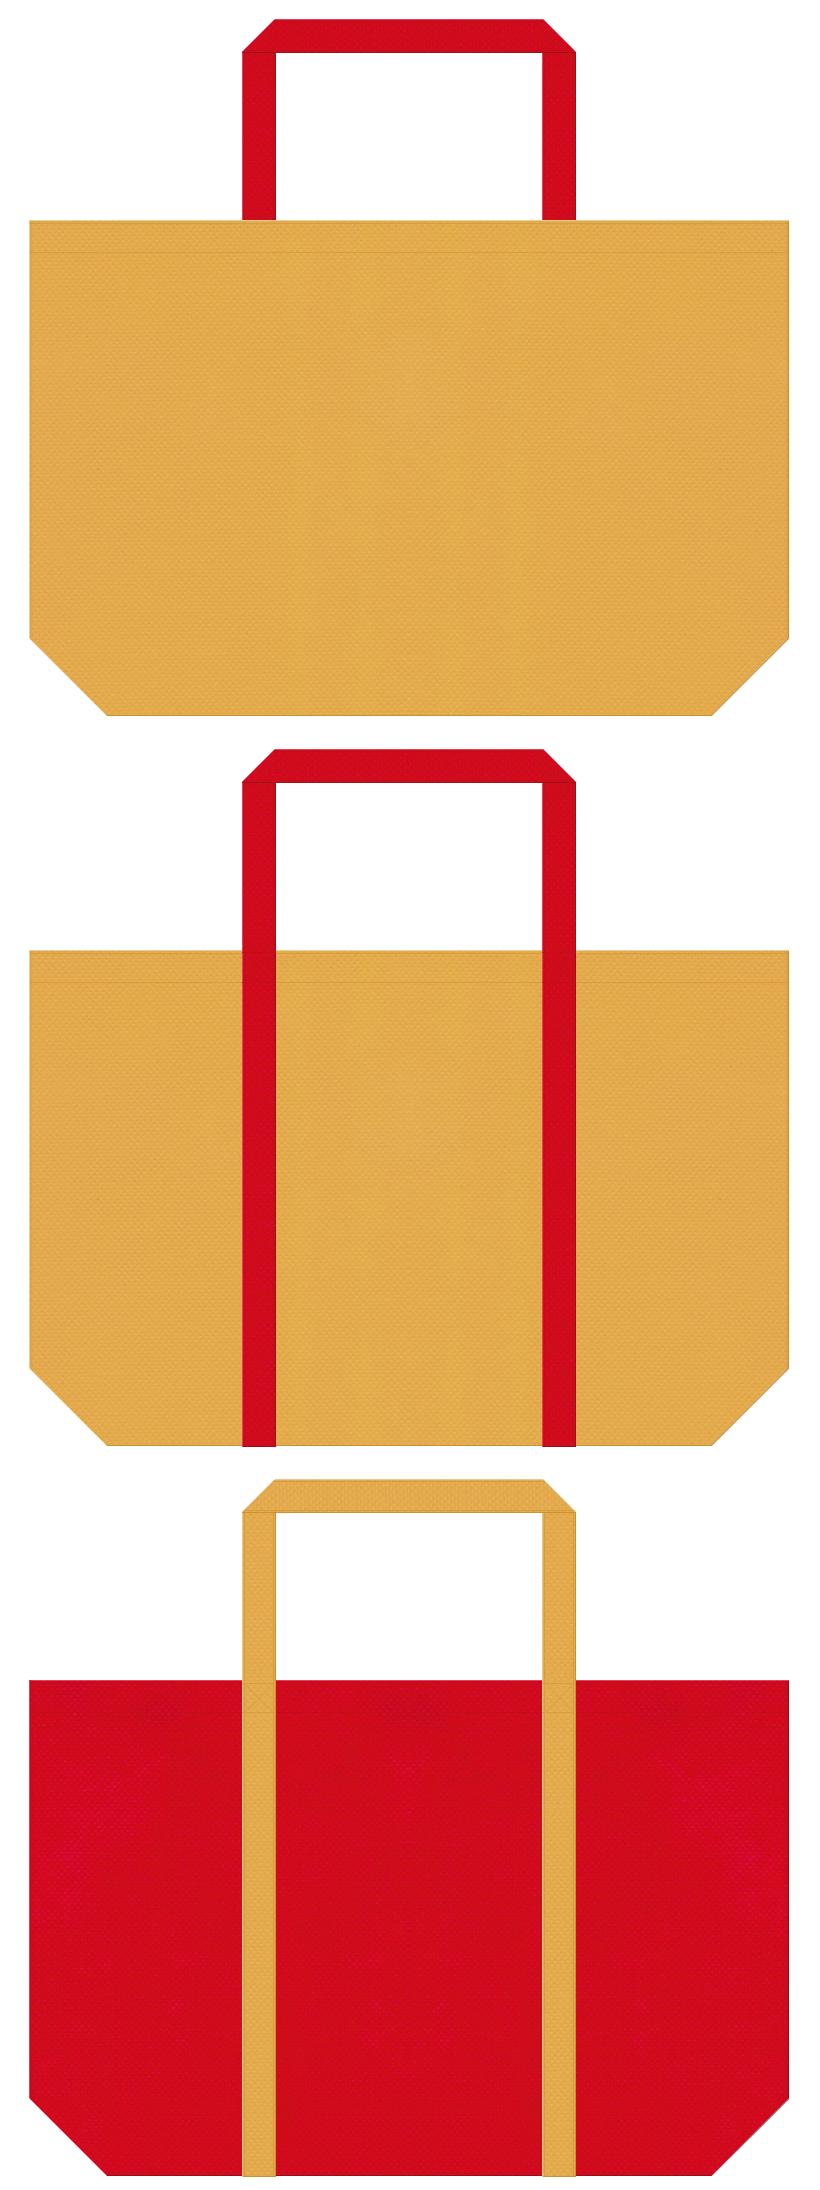 ピザ・パスタ・ミートソース・絵本・むかし話・赤鬼・節分・大豆・一合枡・御輿・お祭り用品のショッピングバッグにお奨めの不織布バッグデザイン:黄土色と紅色のコーデ